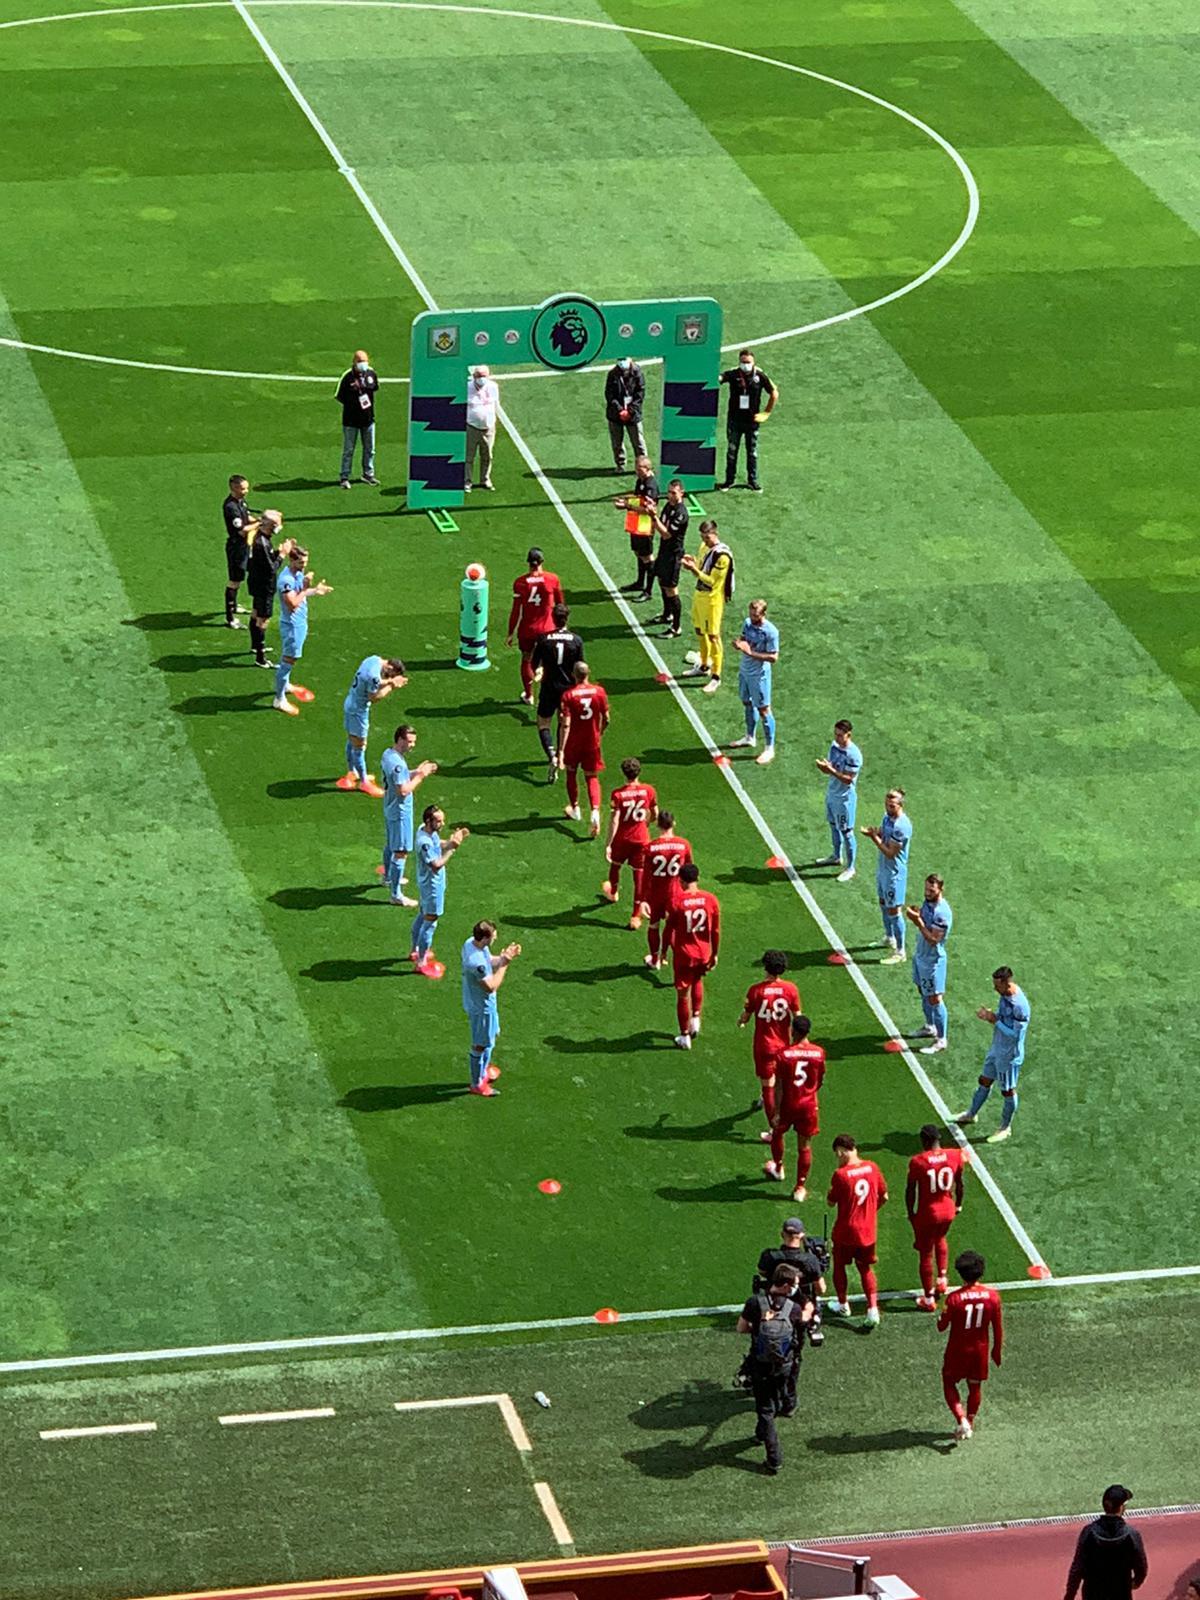 ممر شرفي للاعبي ليفربول